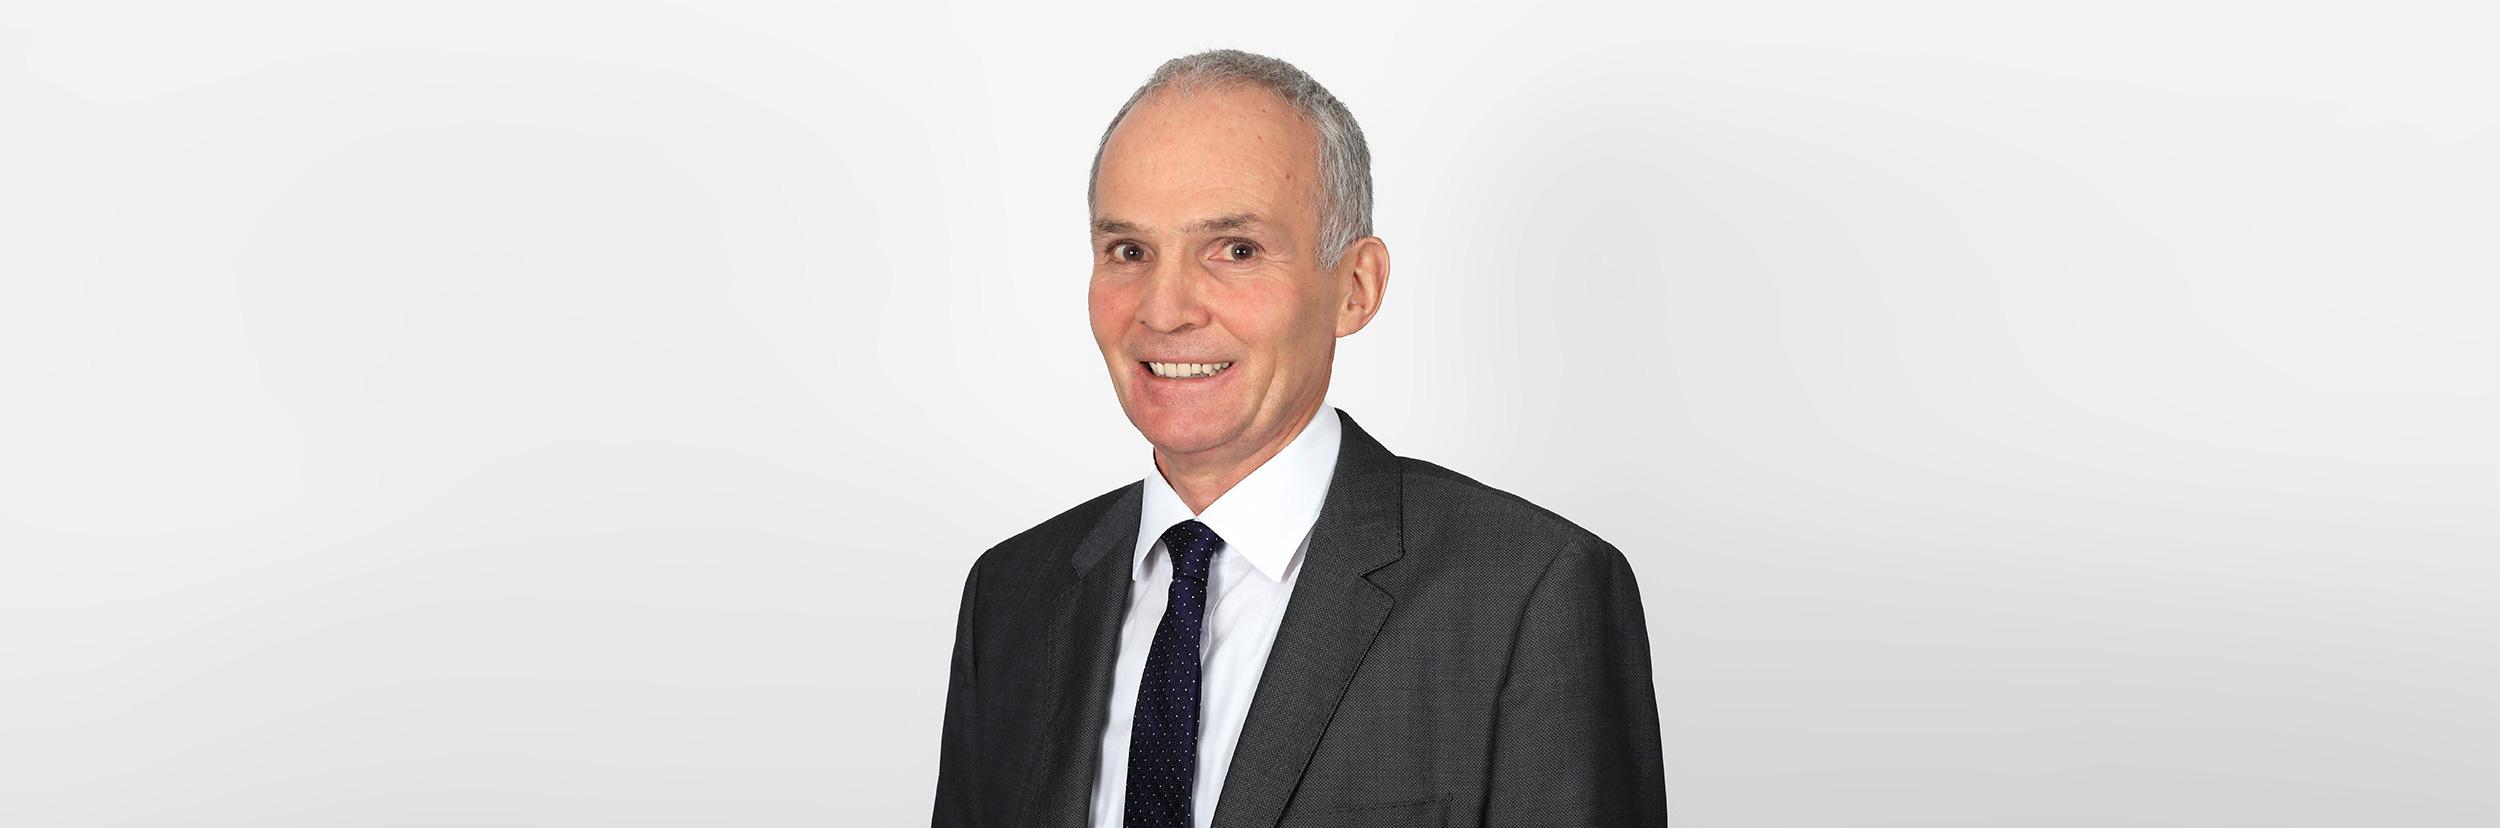 Advoteam Rechtswanwalt Jürgen Strathoff